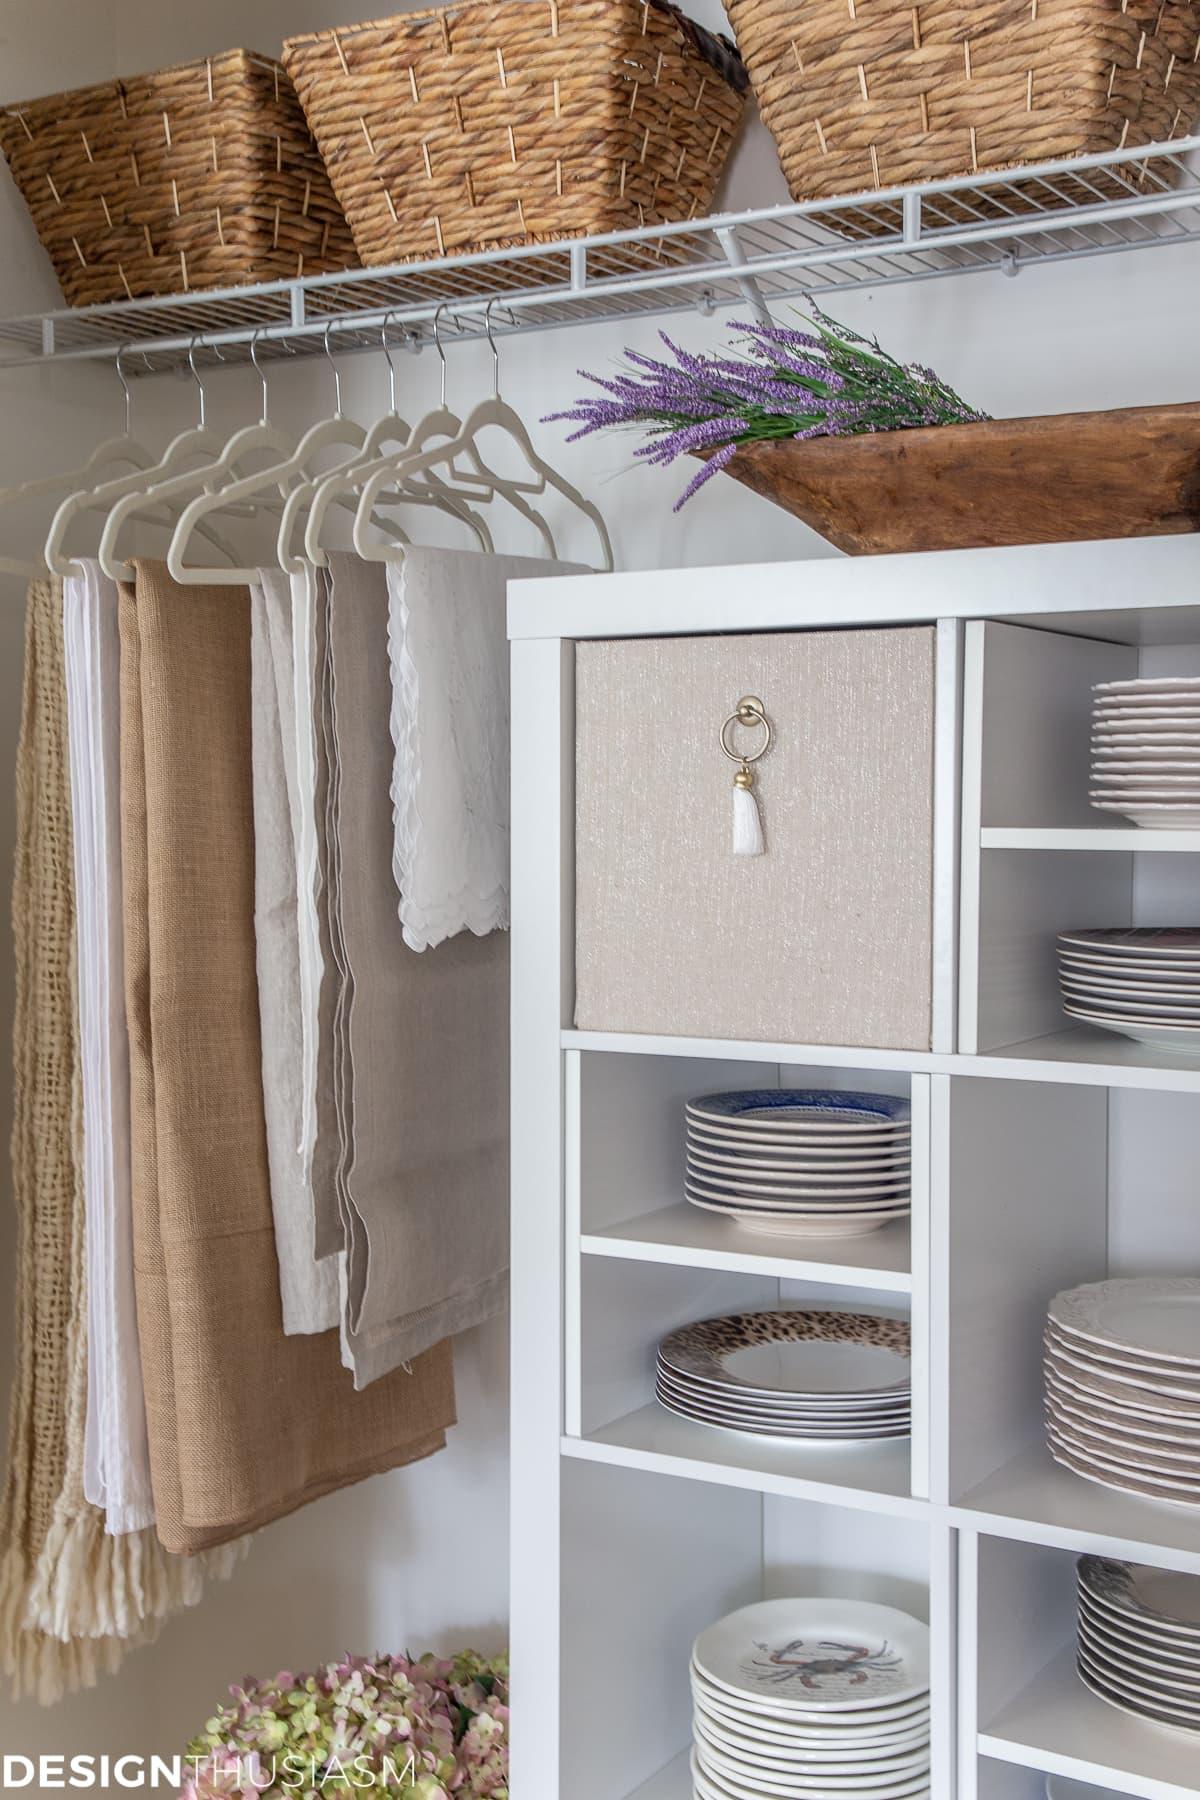 Closet Design Makeover: DIY Closet Shelving for Extra Plate Storage